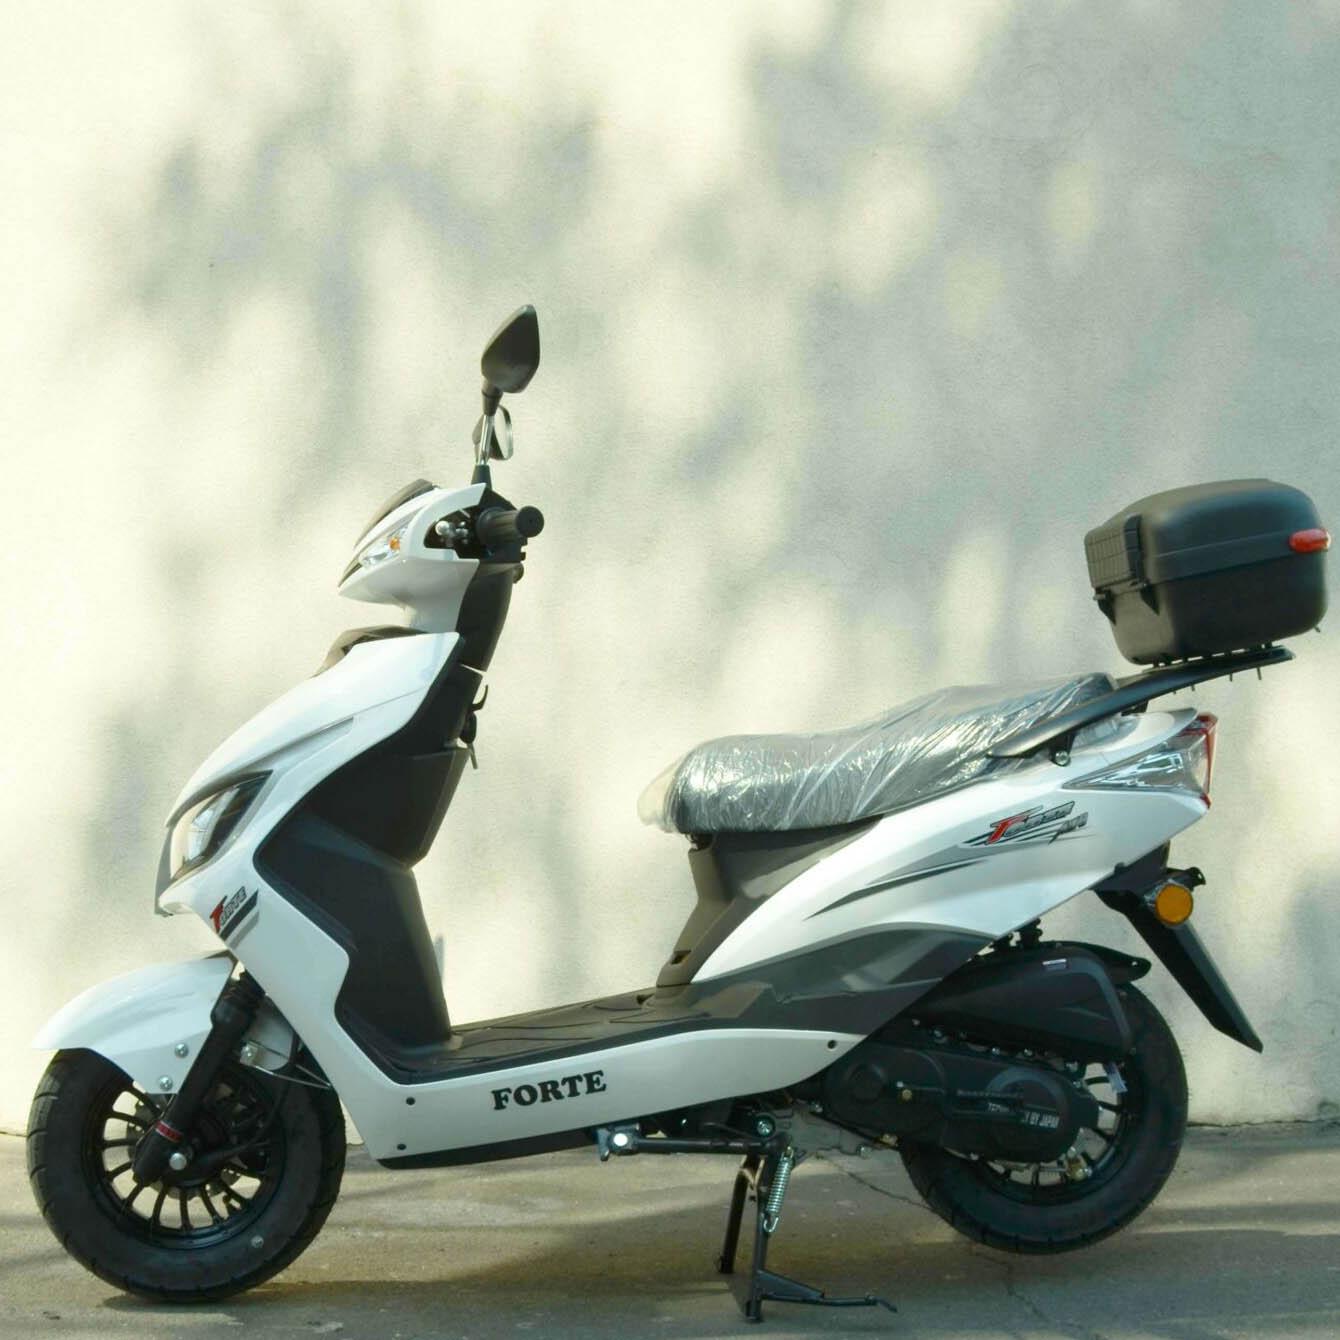 Скутер Forte M8 цвет белый вид слева купить по низкой цене